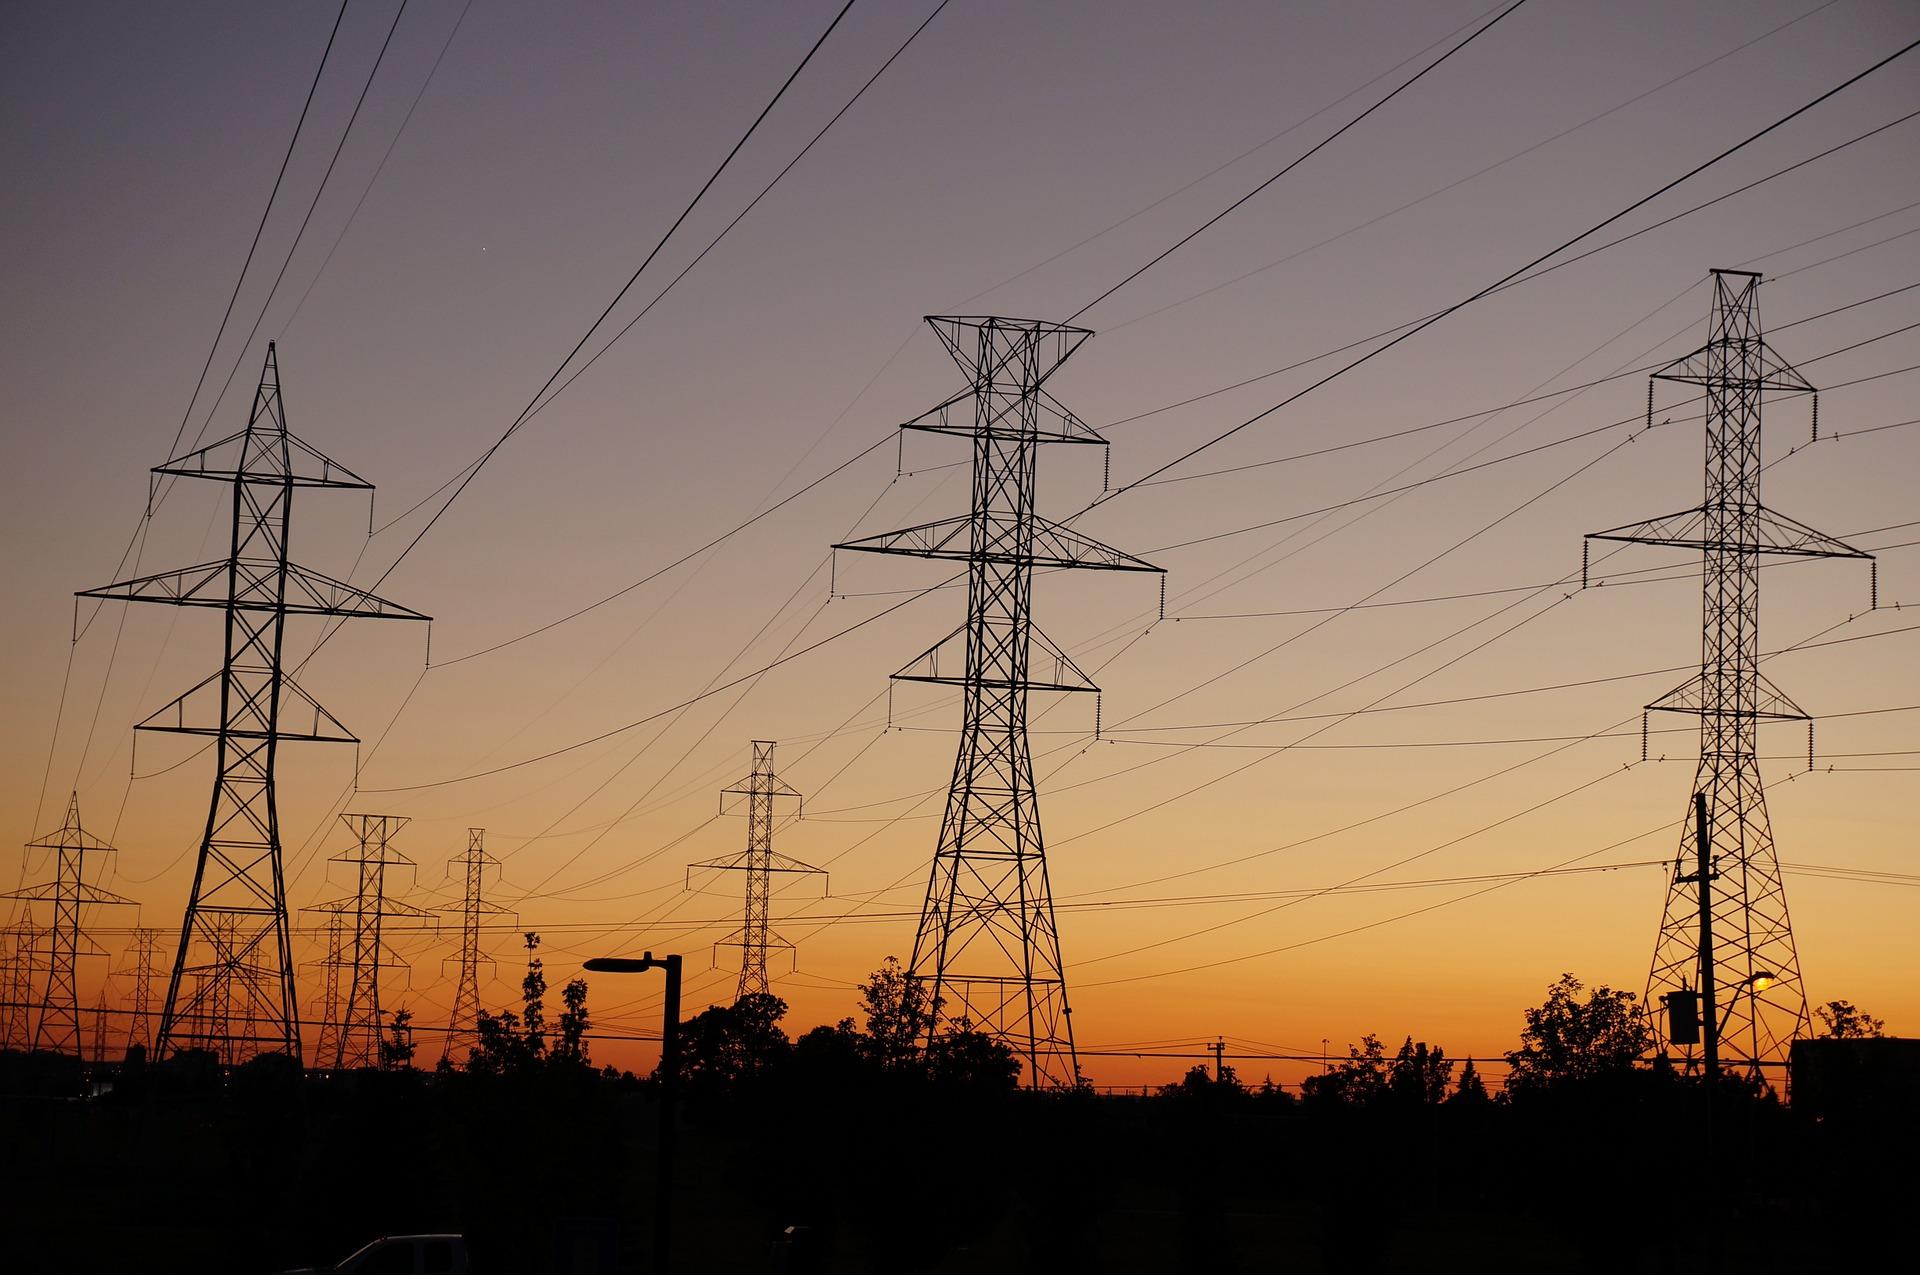 Zasady dochodzenia zapłaty za położenie nowych linii energetycznych w pasie drogowym przedmiotem umowy pomiędzy zarządcą drogi a właścicielem sieci przesyłowej